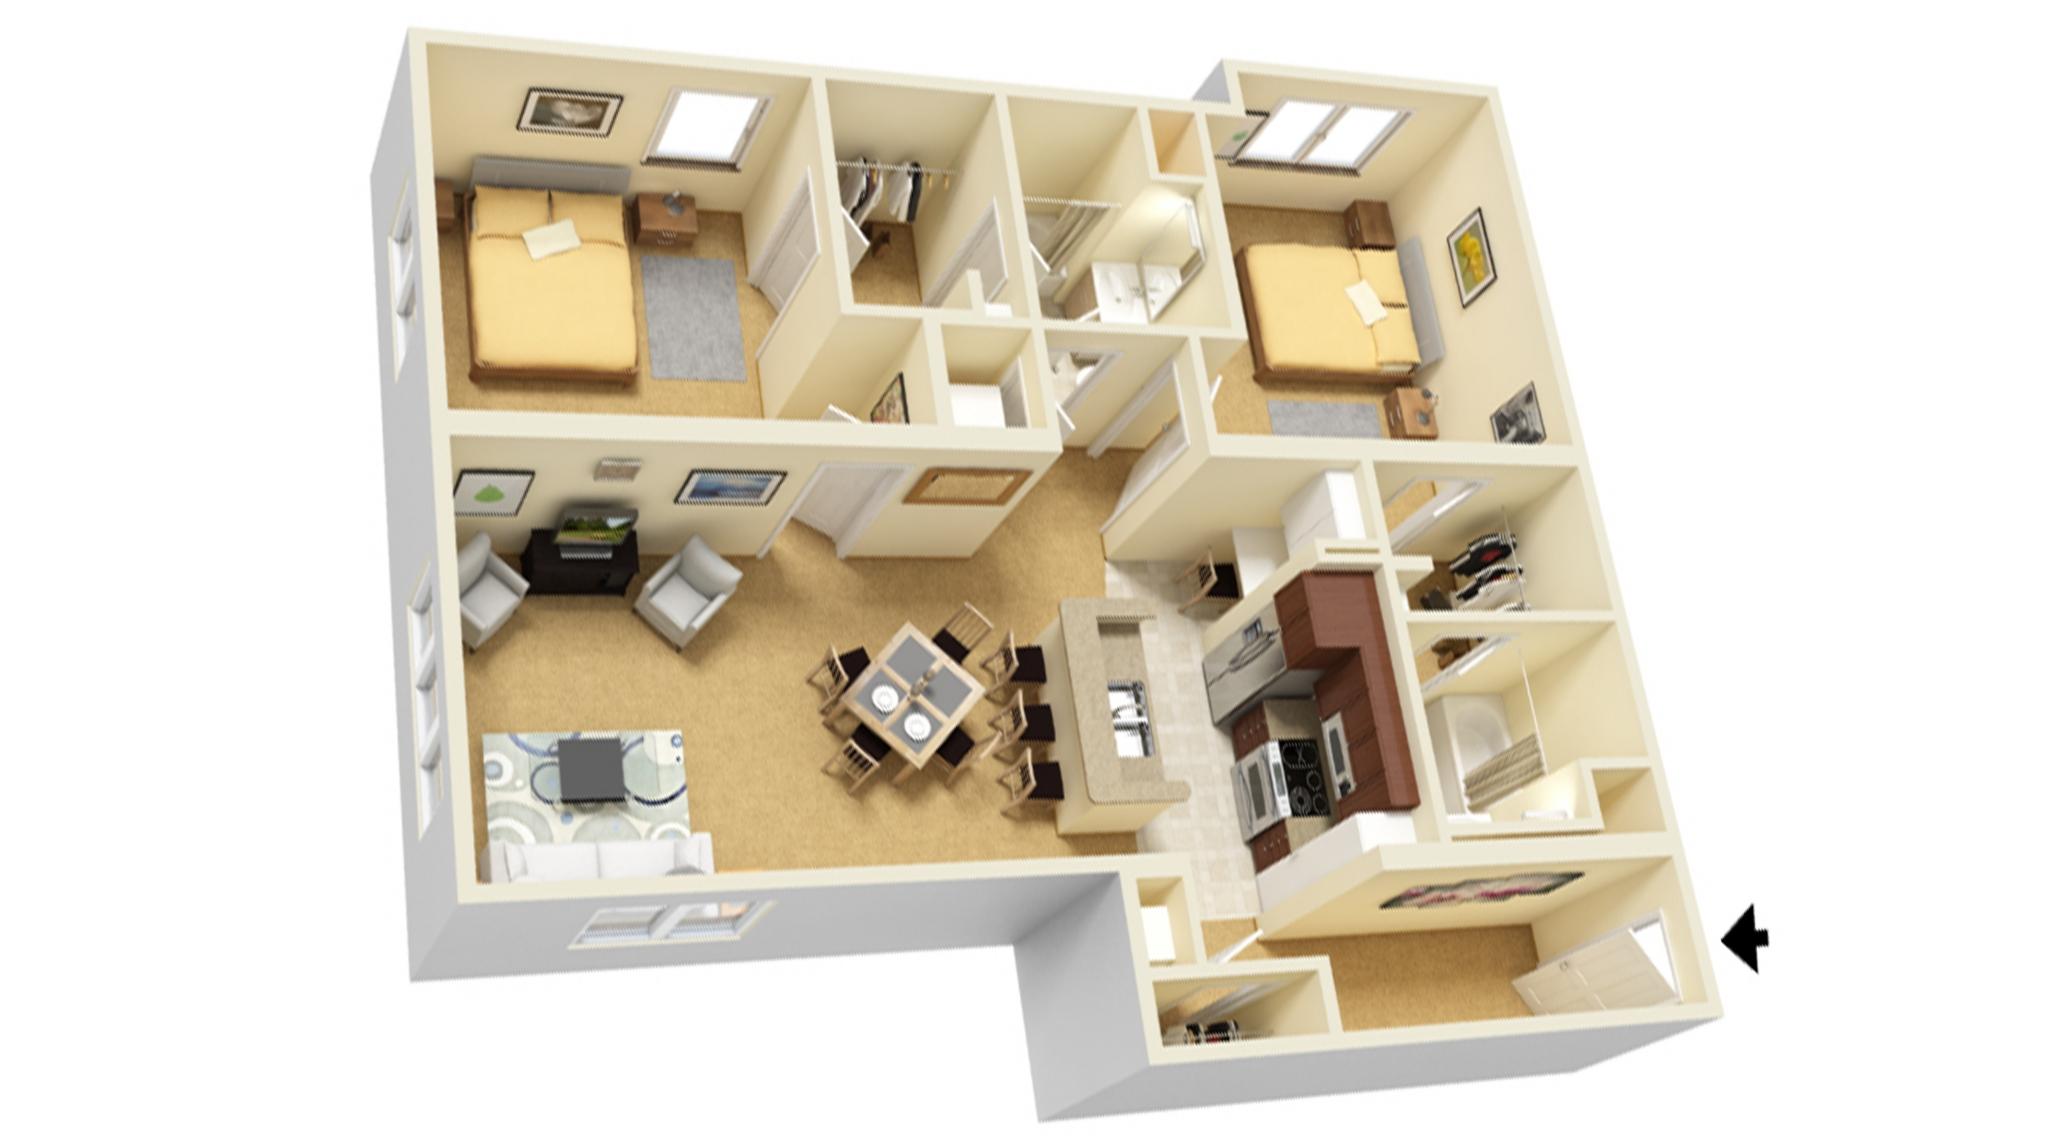 2 Bedroom D floor plan